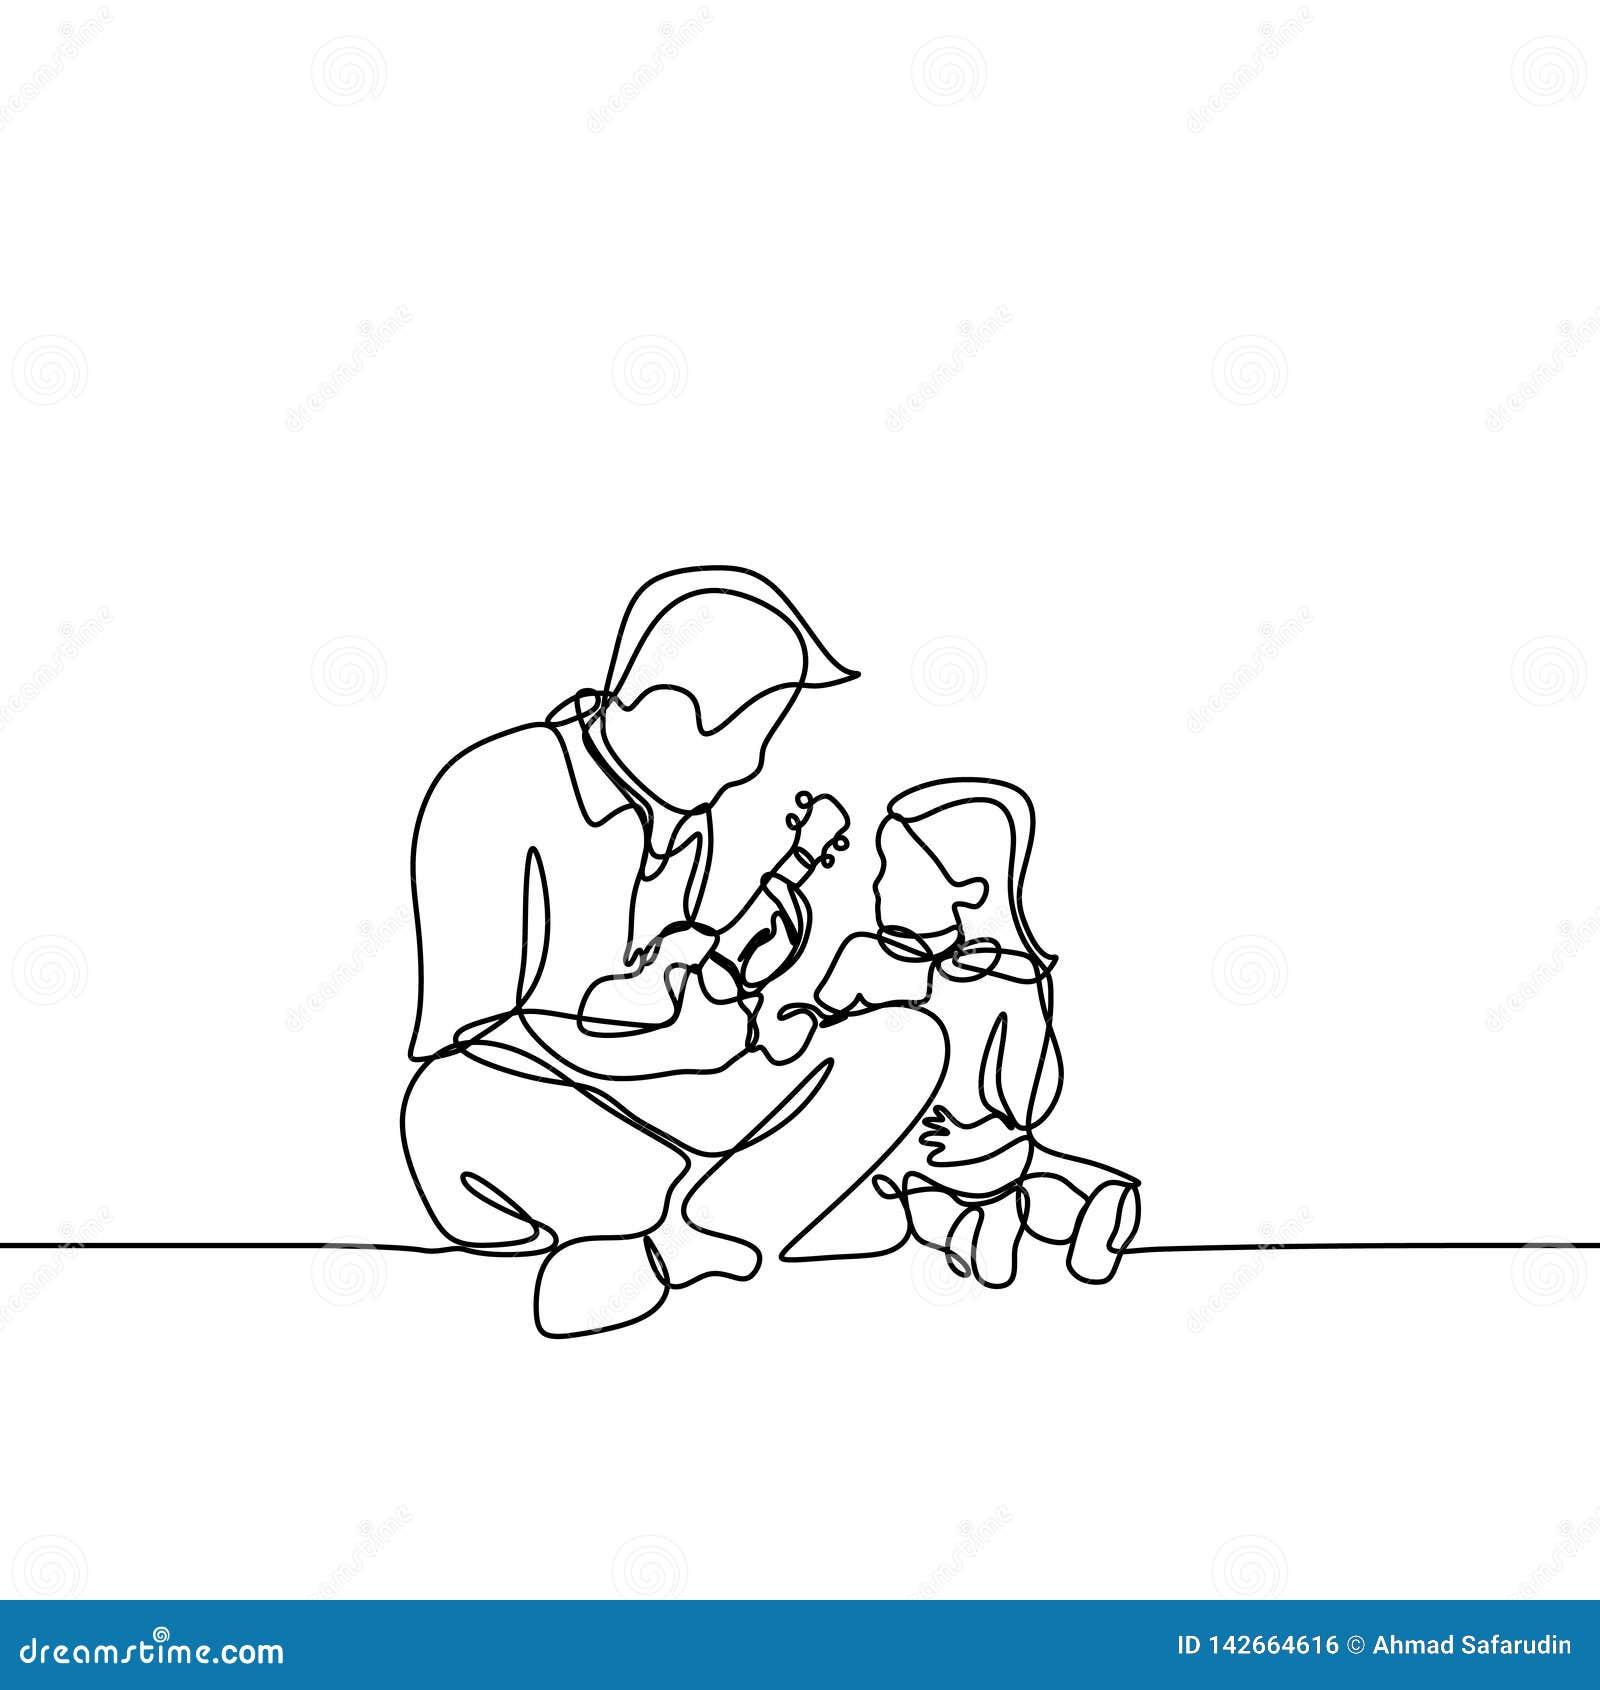 непрерывная одиночная вычерченная одна линия гитара игры отца и поет песню к его изображению нарисованному дочерью вручную Линия